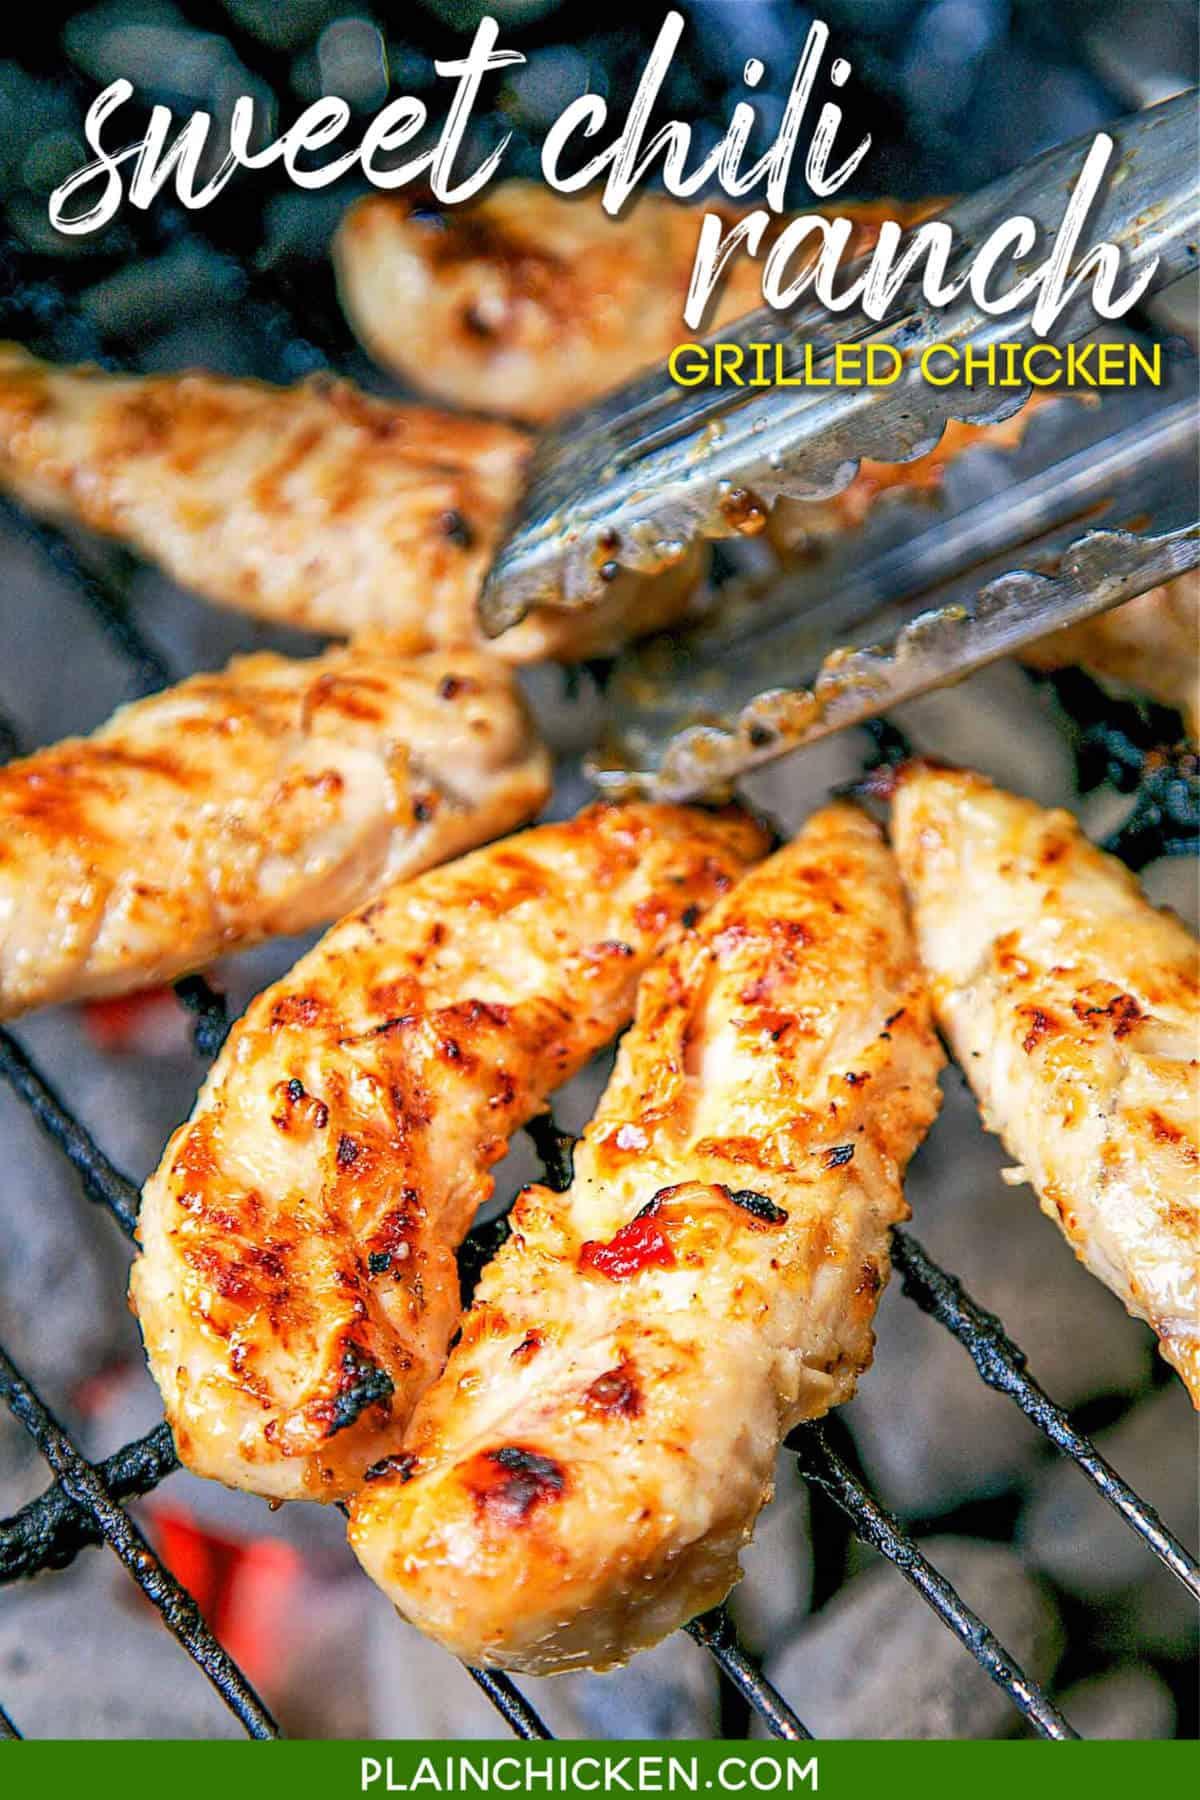 Sweet Chili Ranch Grilled Chicken Plain Chicken